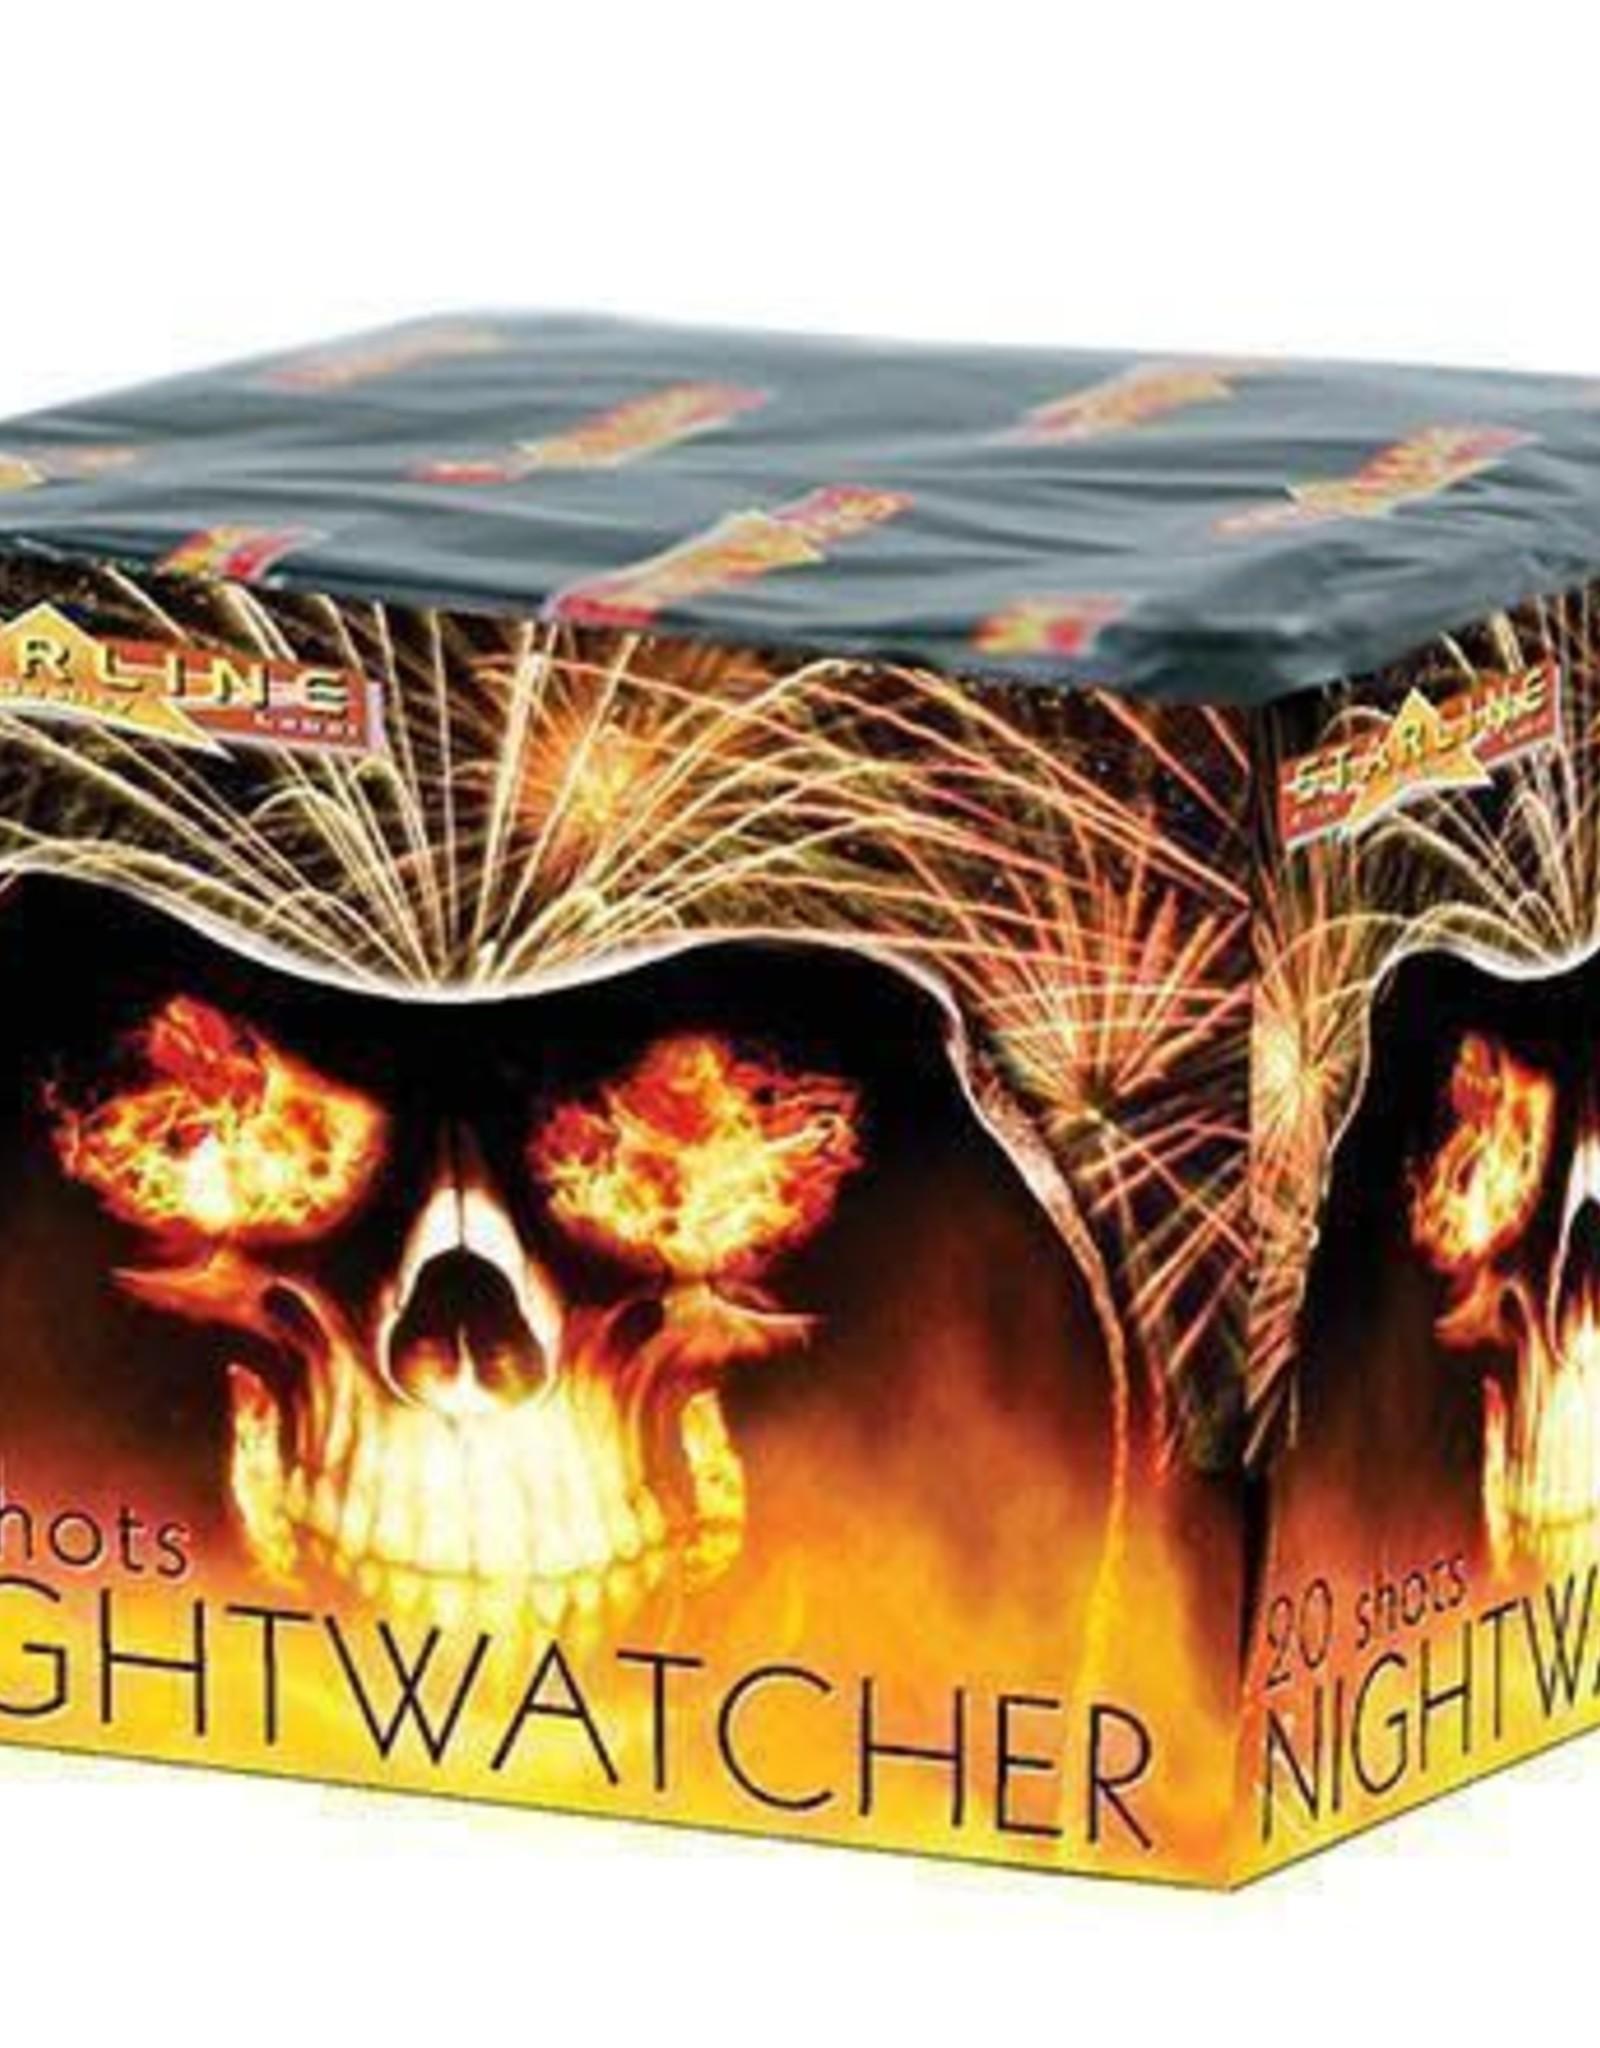 FARAM Nightwatcher 20 shot